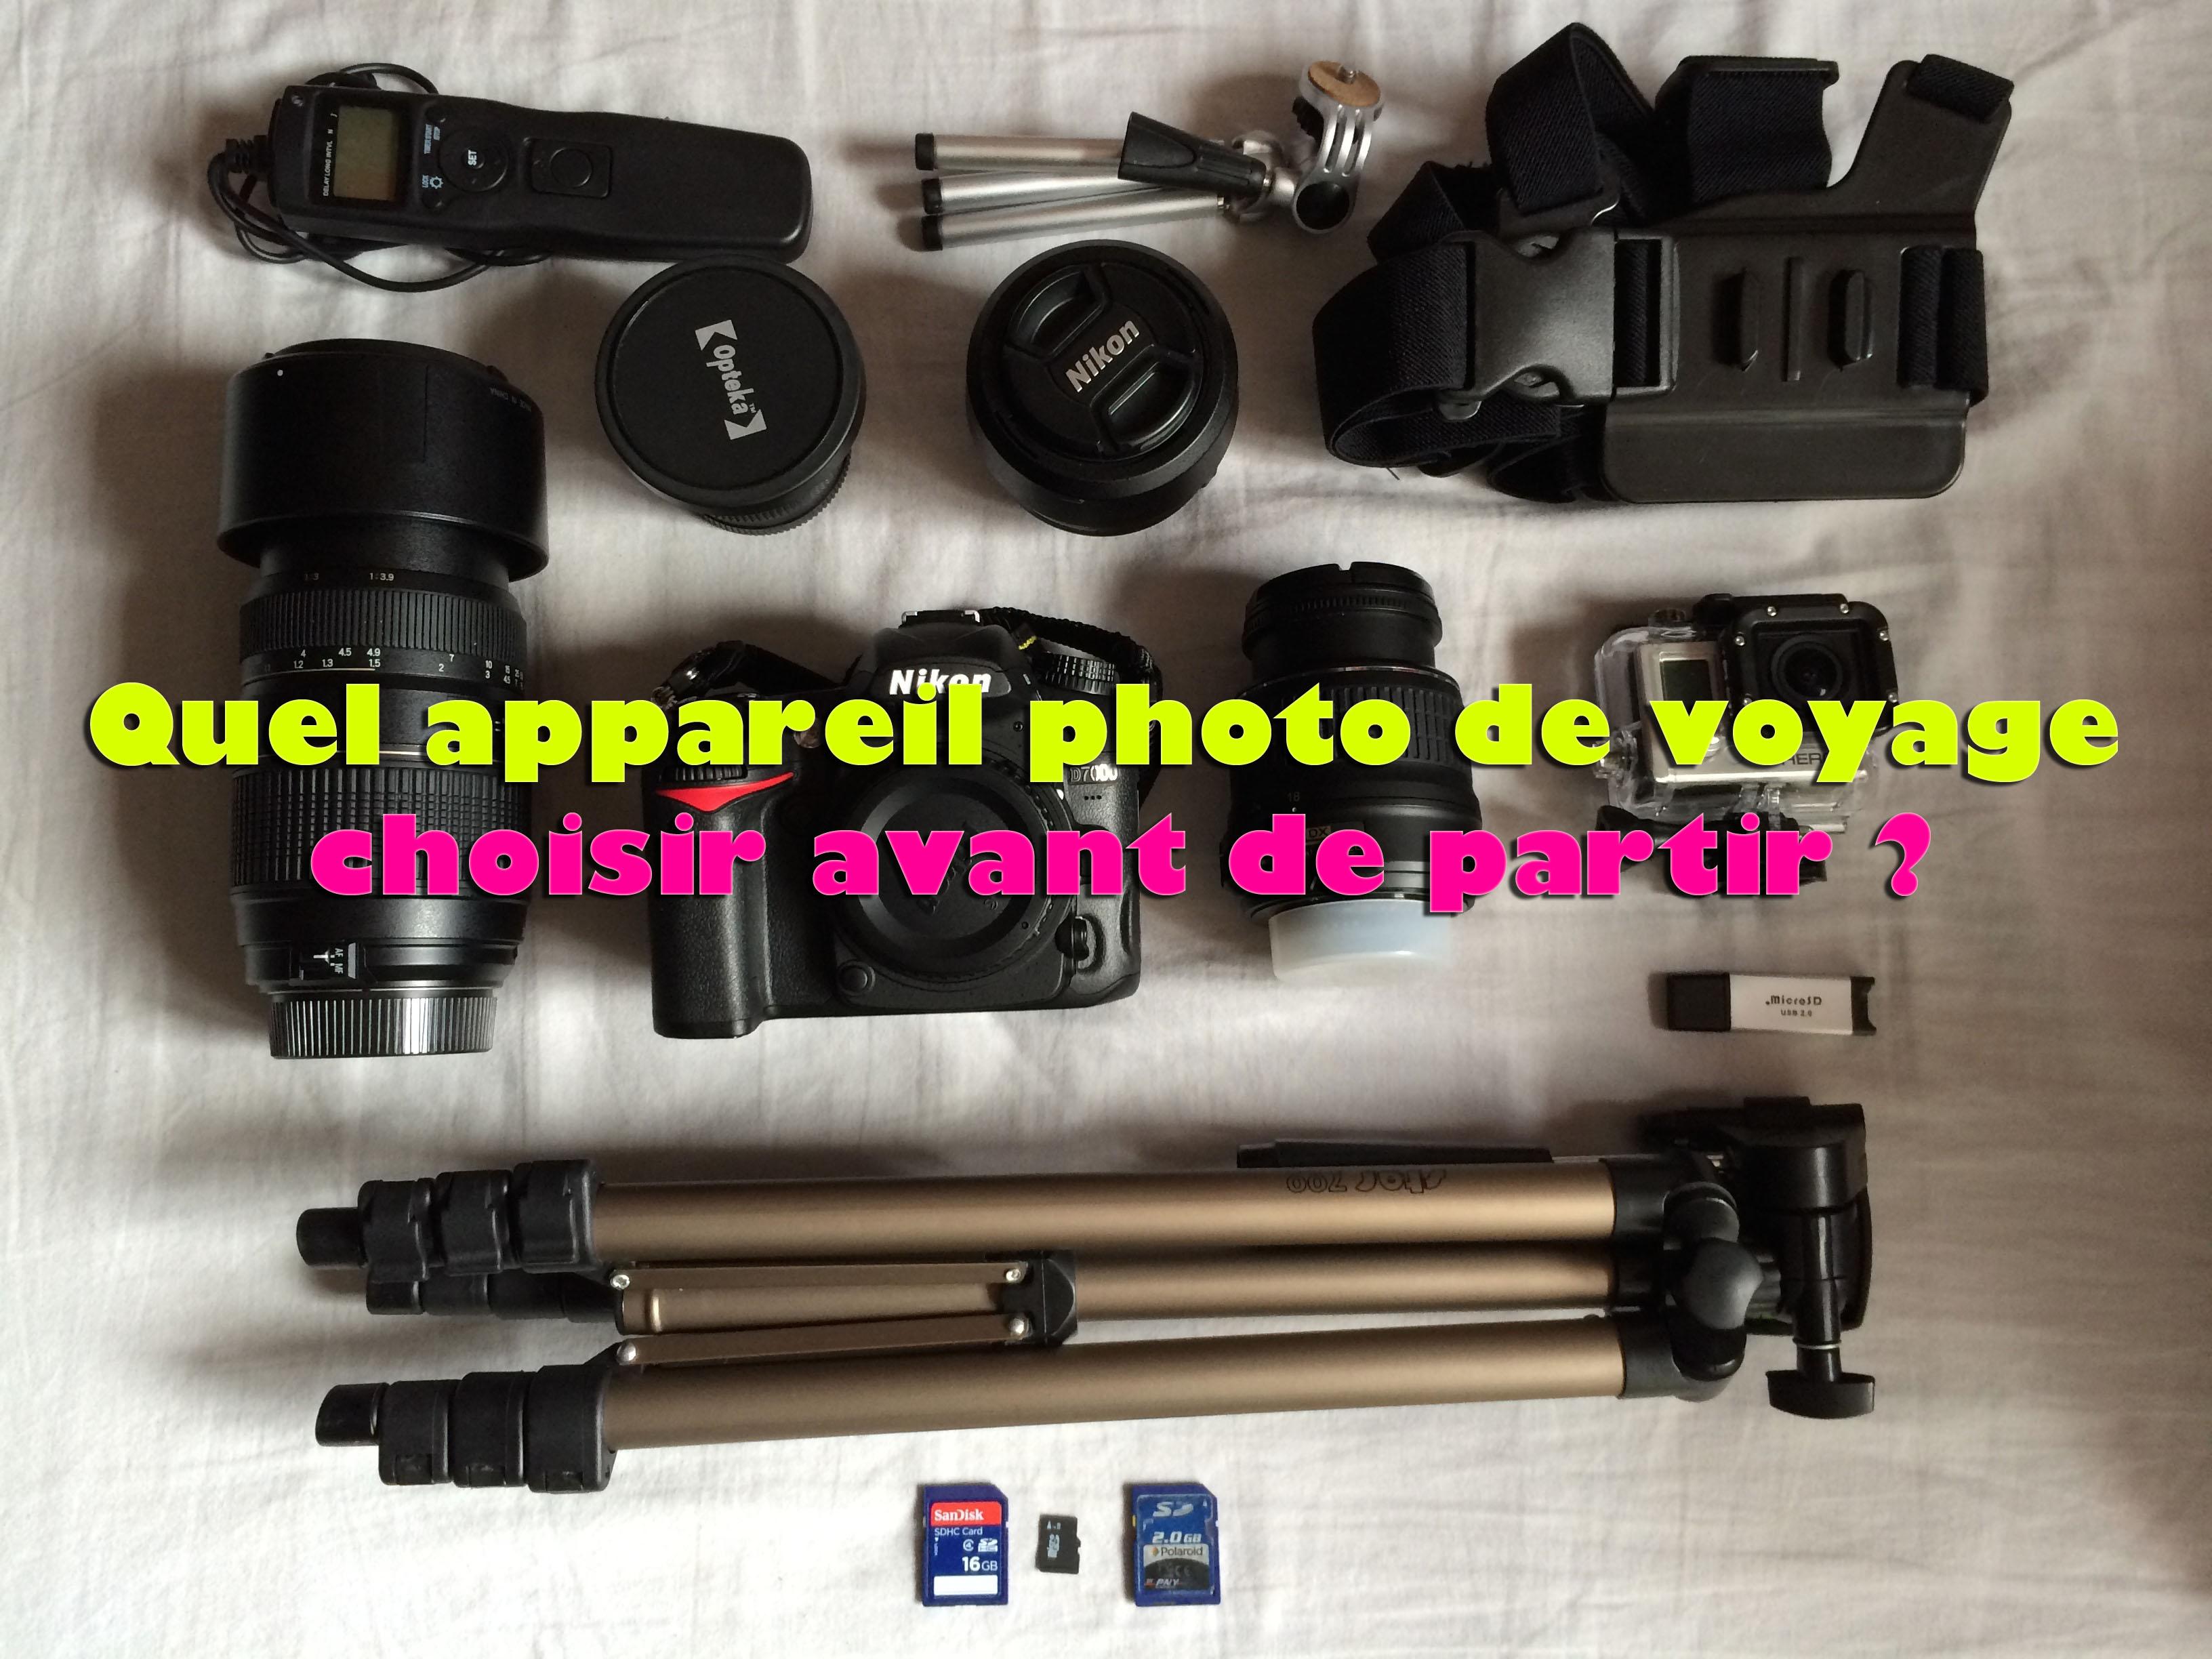 Quel appareil photo de voyage choisir avant de partir?